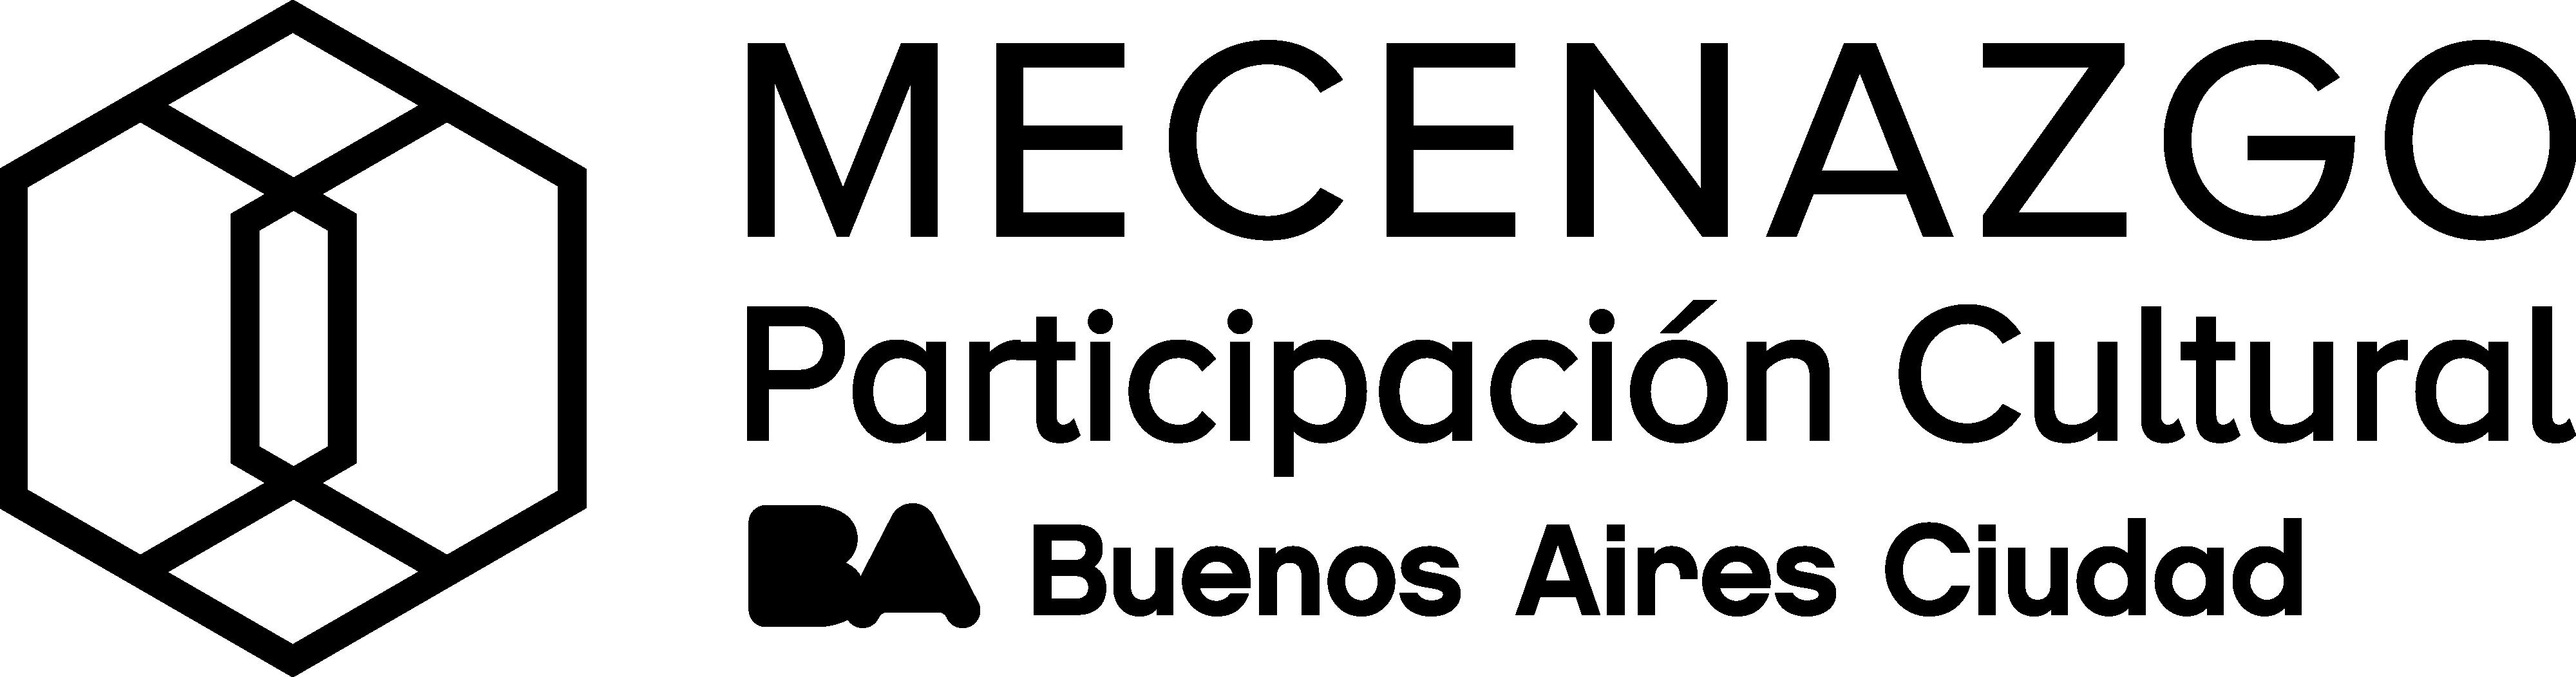 Mecenazgo BA